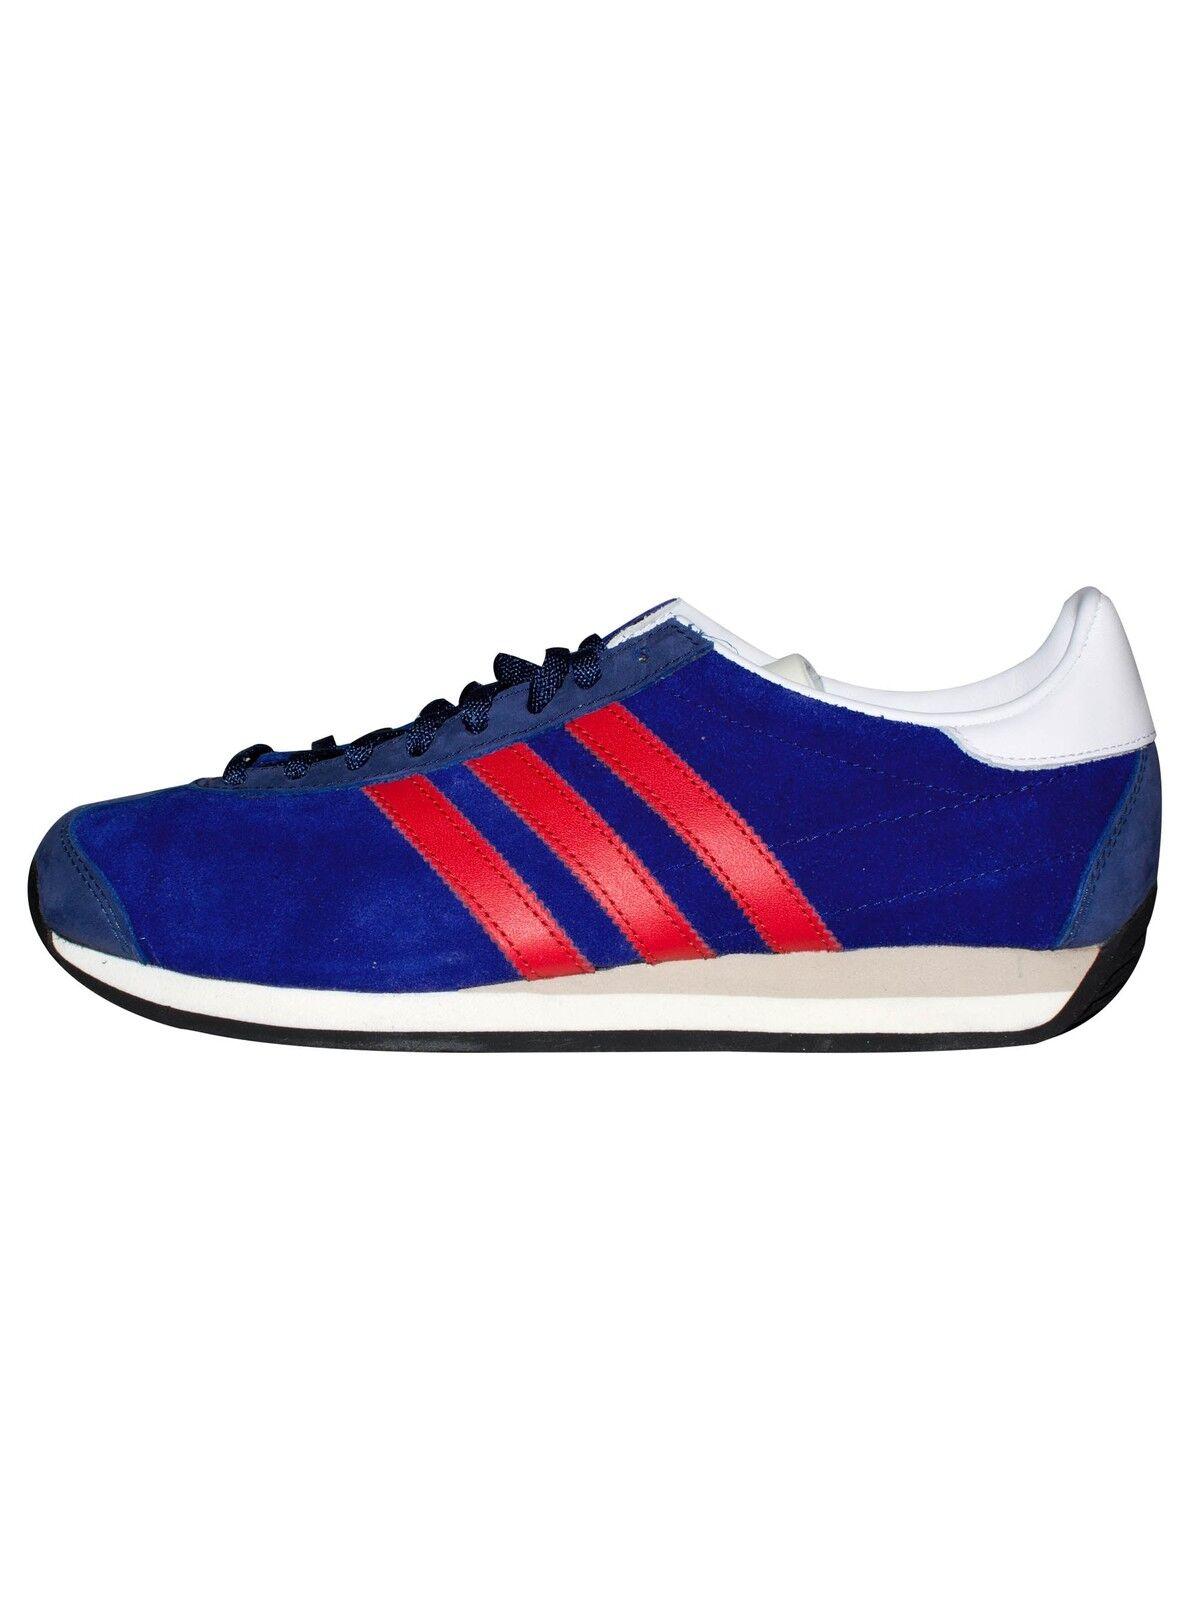 Adidas Originals Country OG ROT Blau & ROT OG Trainer cc3897